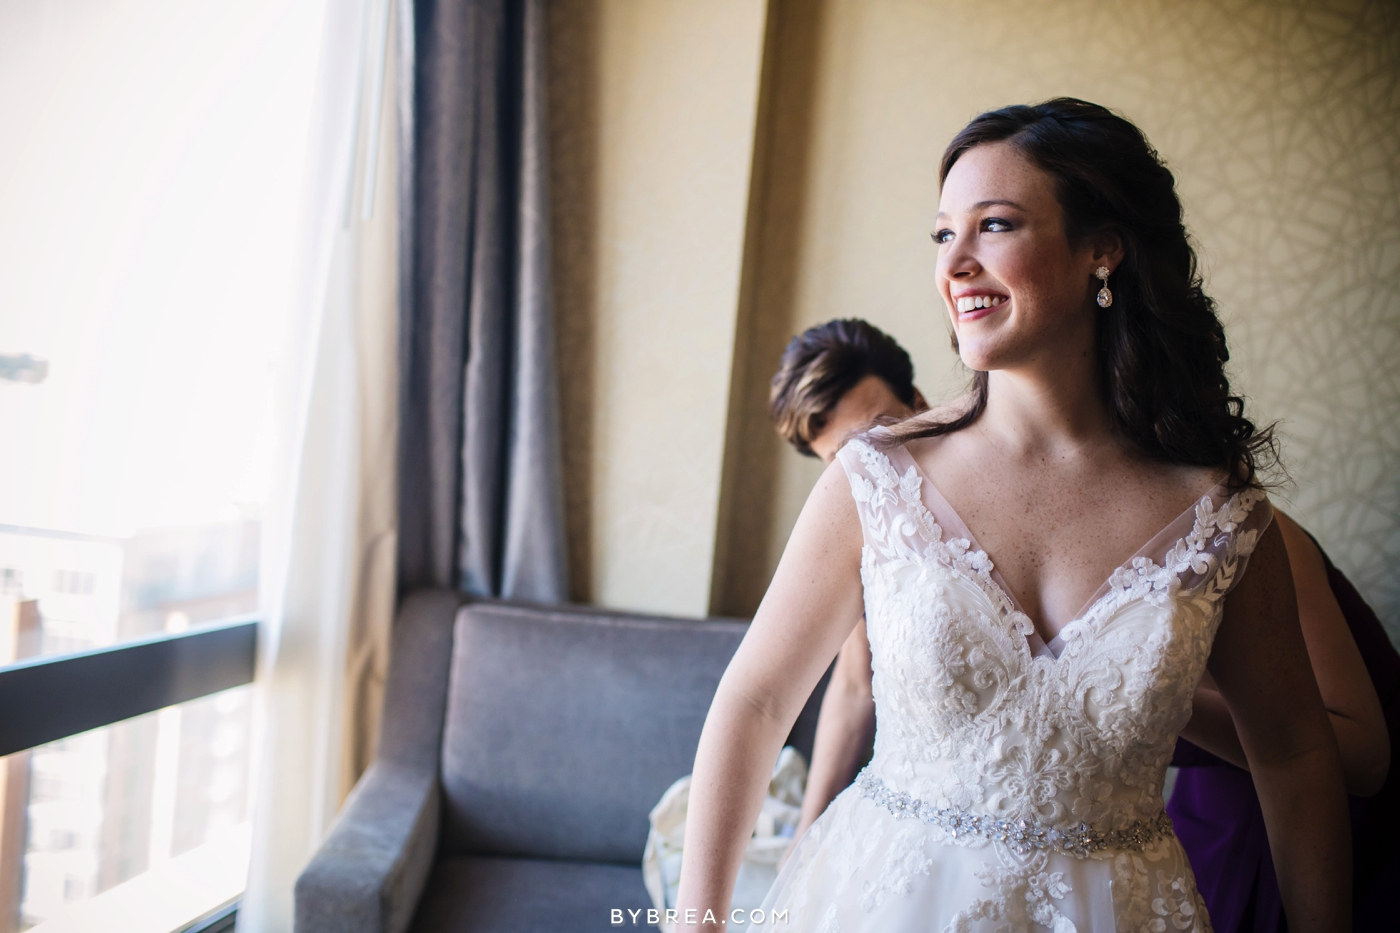 Georgetown Dahlgren Chapel bride looking out the window